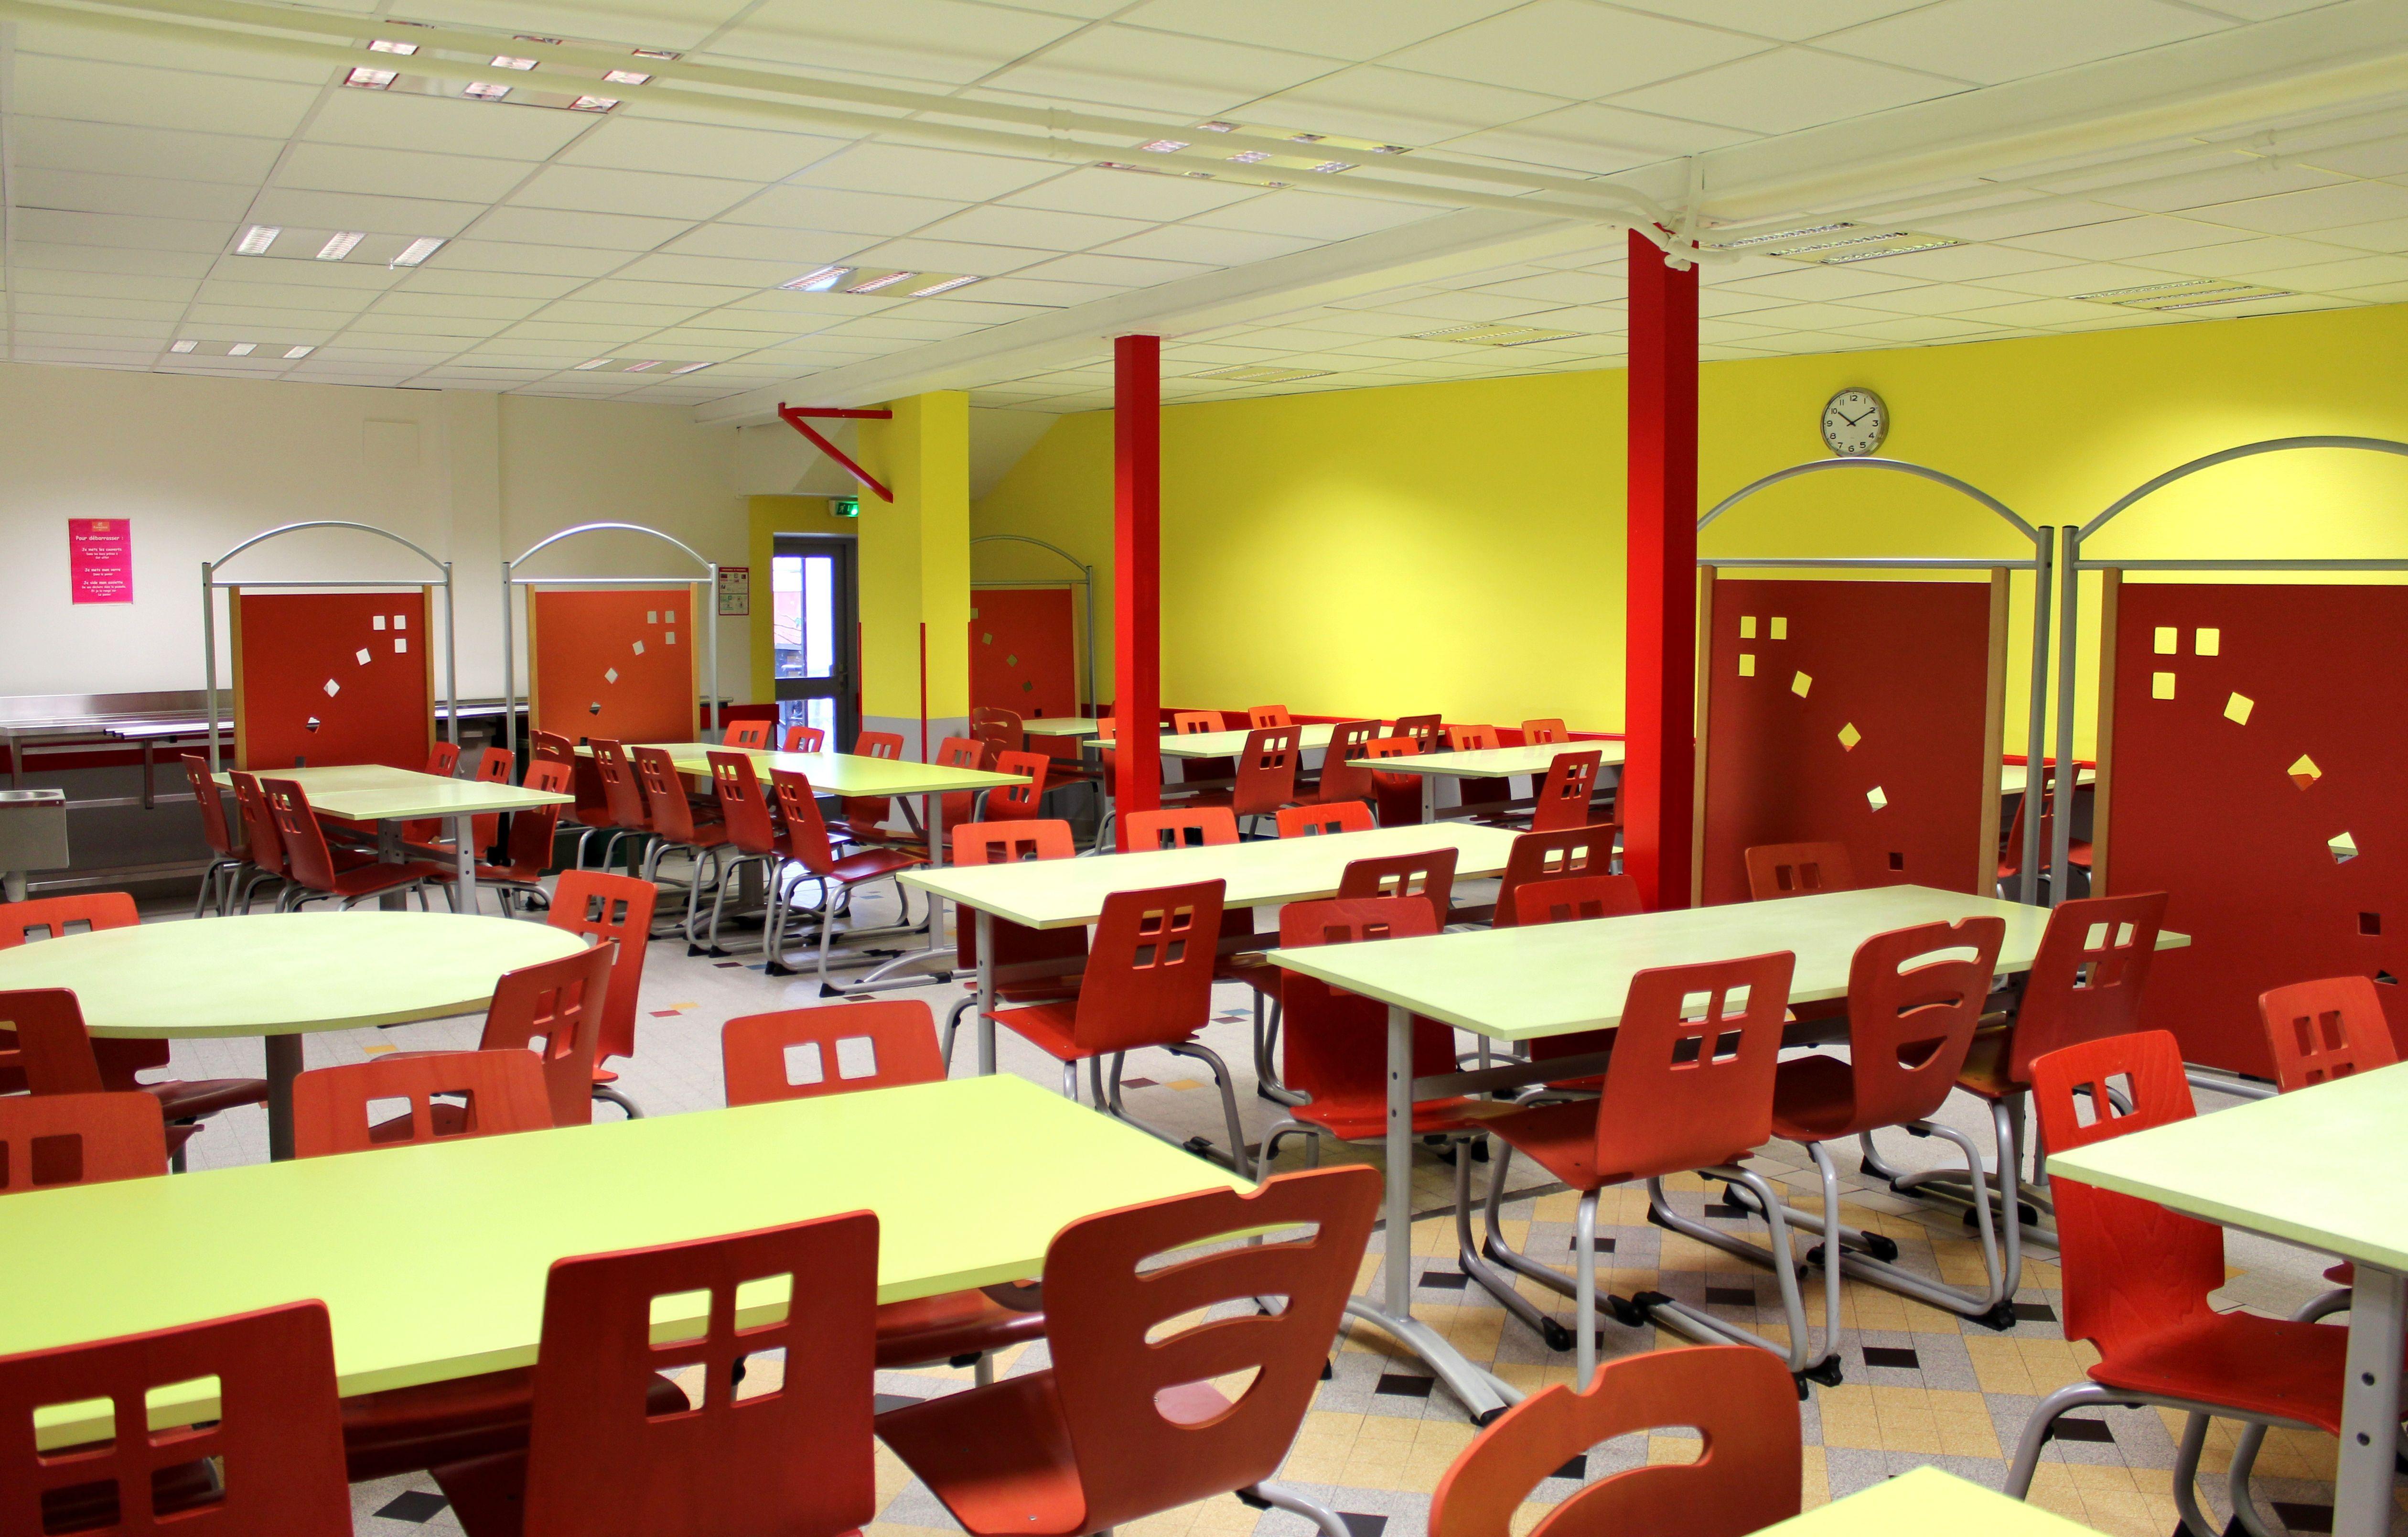 ambiance cantine scolaire primaire chaises luge et tables estival ensembletablechaise table. Black Bedroom Furniture Sets. Home Design Ideas